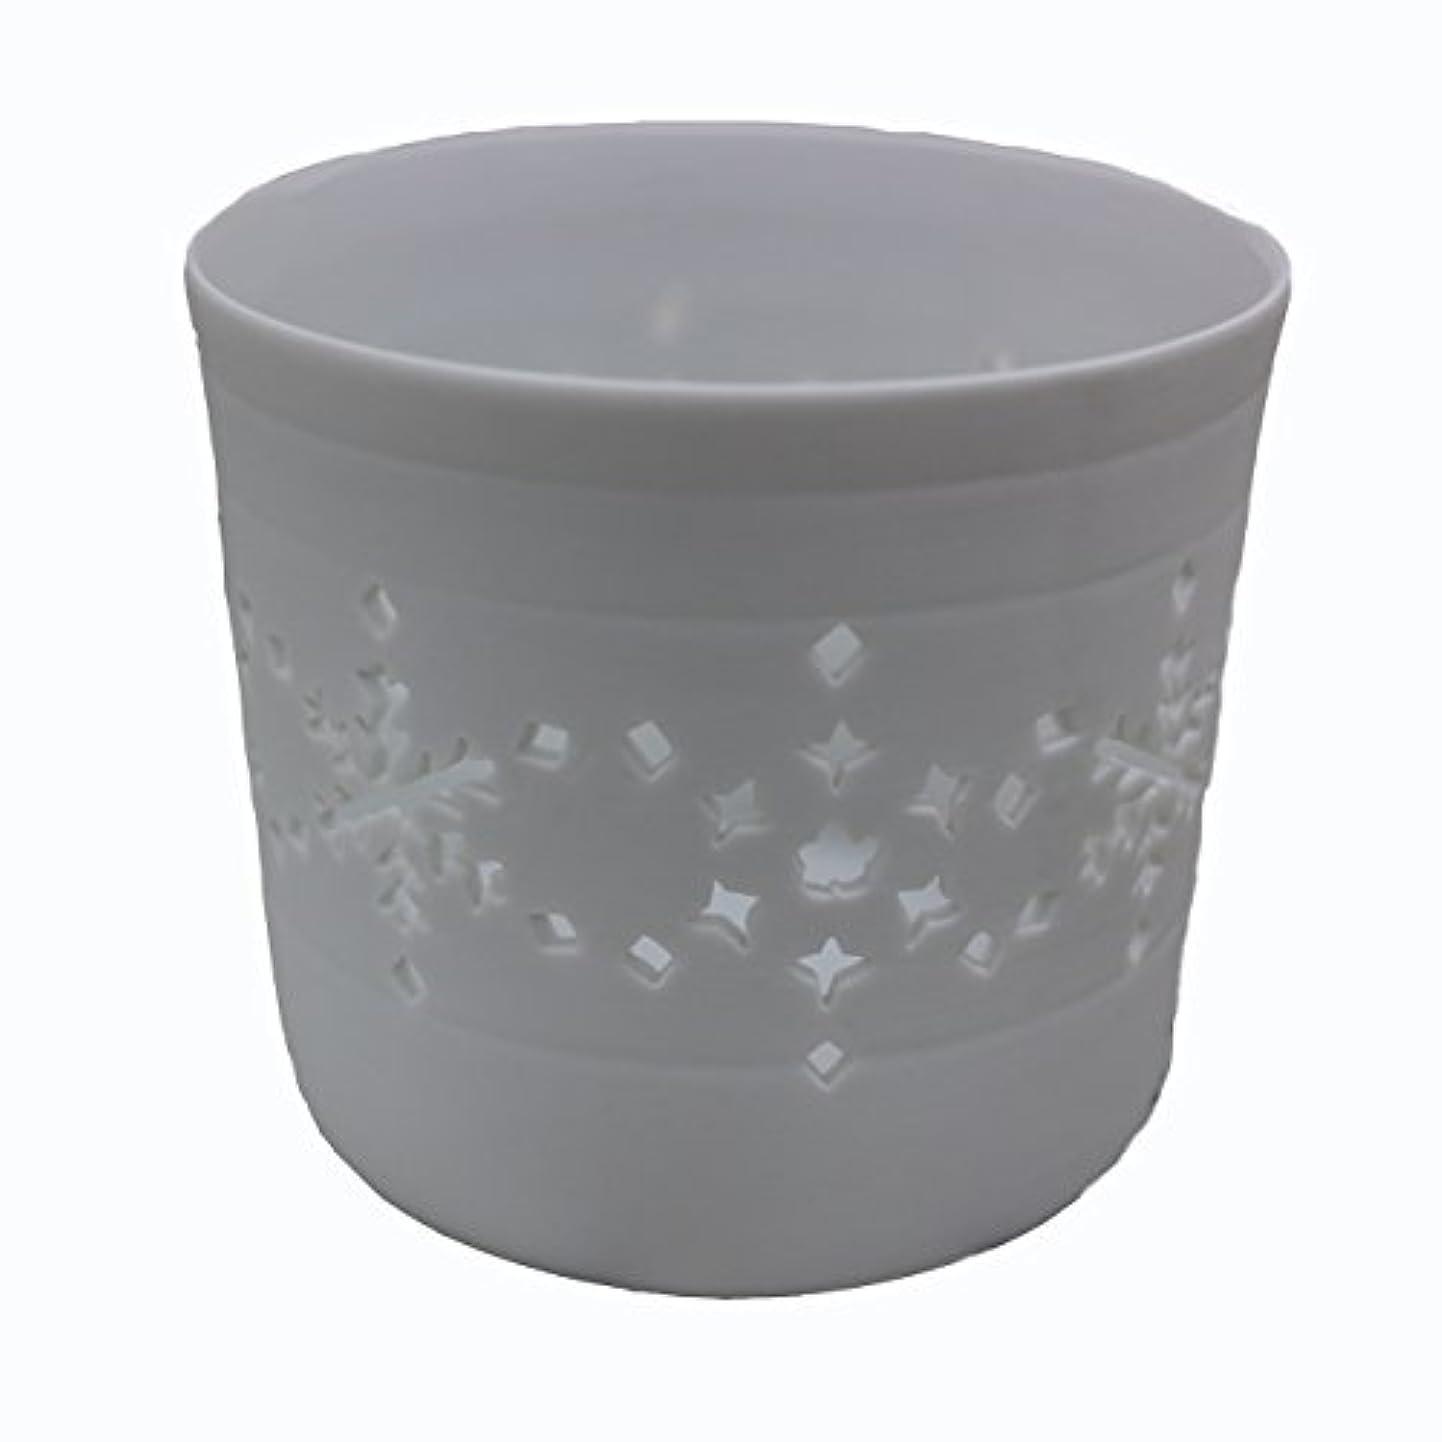 描くその他嫌悪キャンドルカップ(ティーライト付き) 結晶